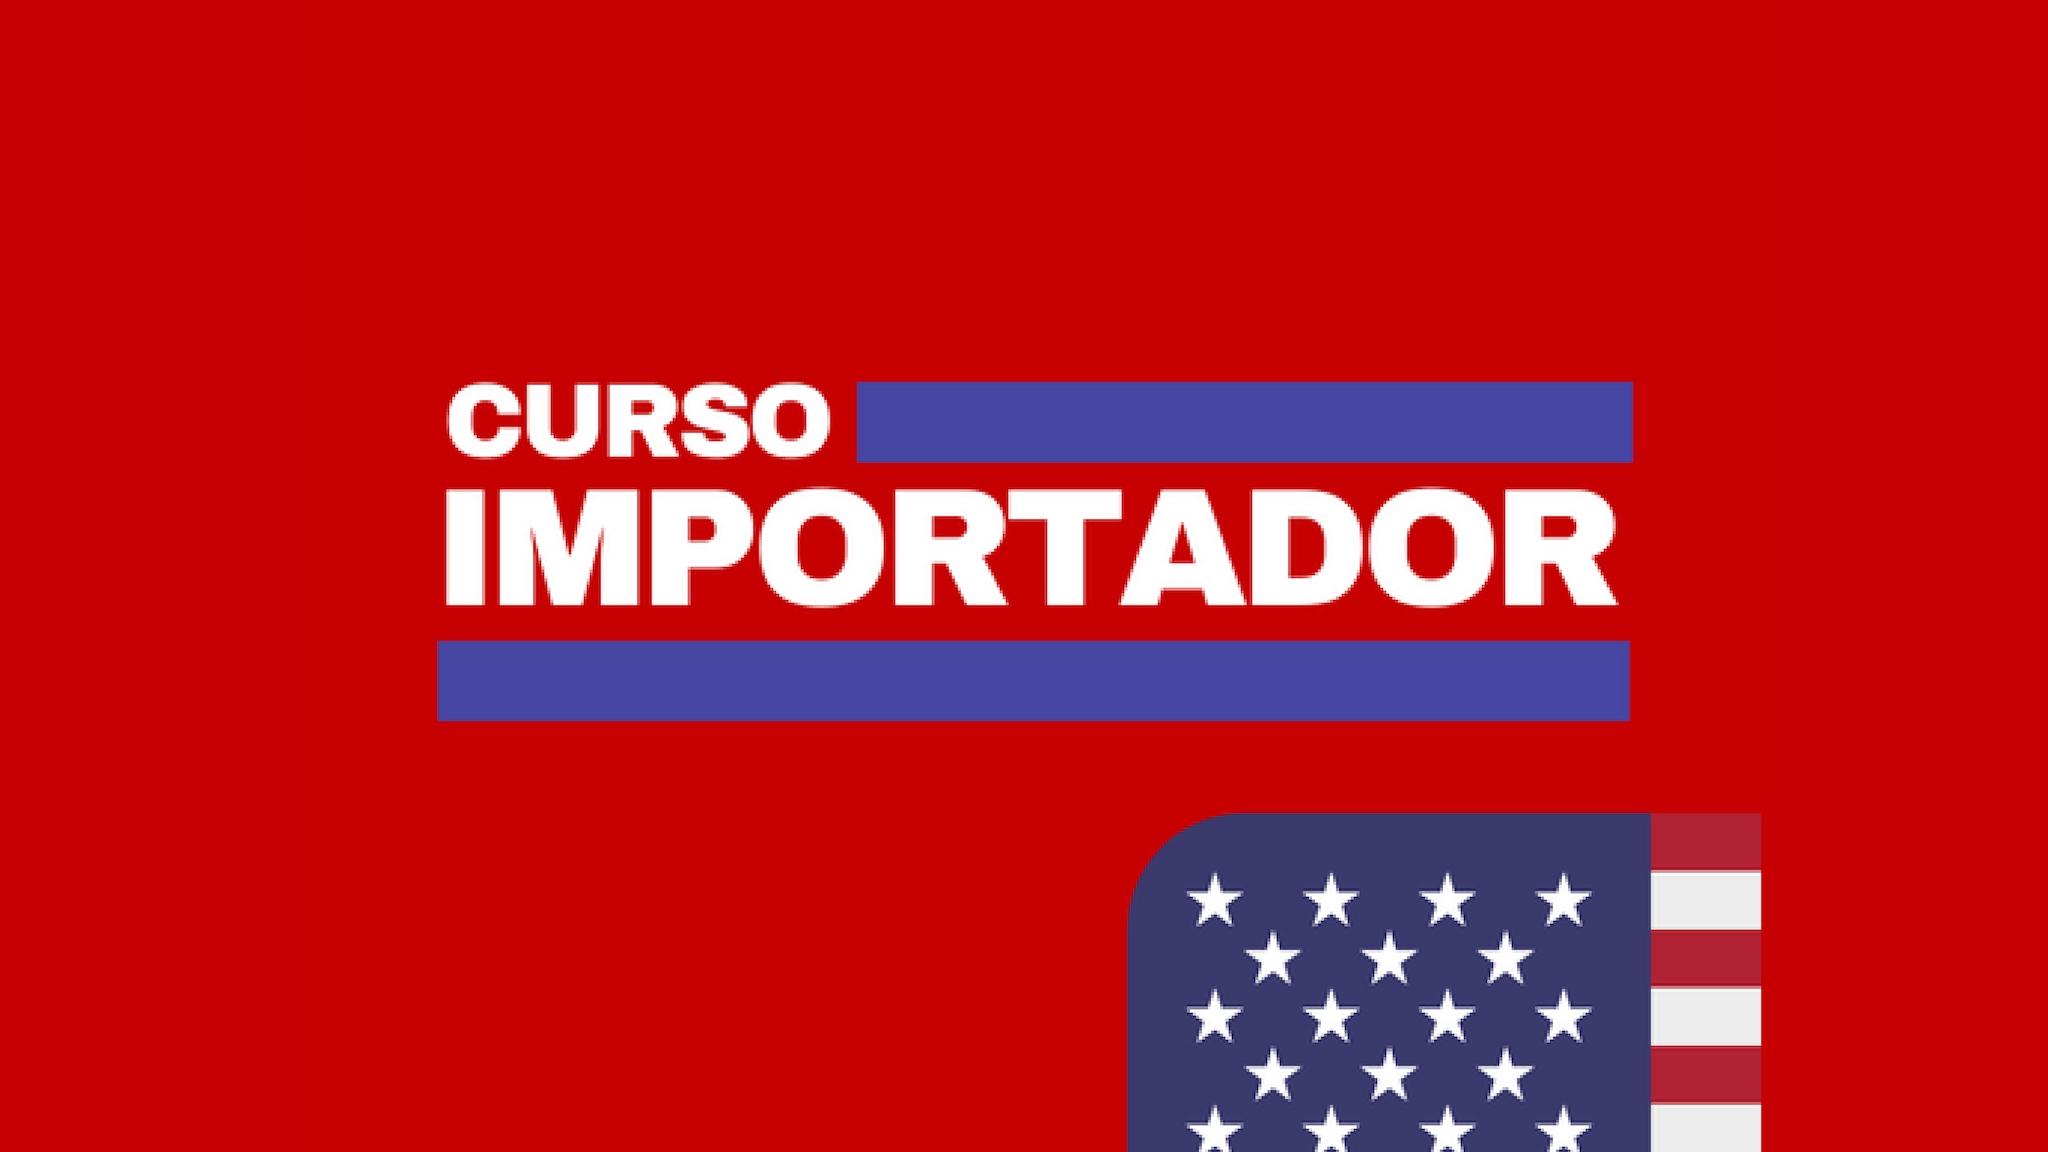 Curso importador (@cursoimportador) Cover Image